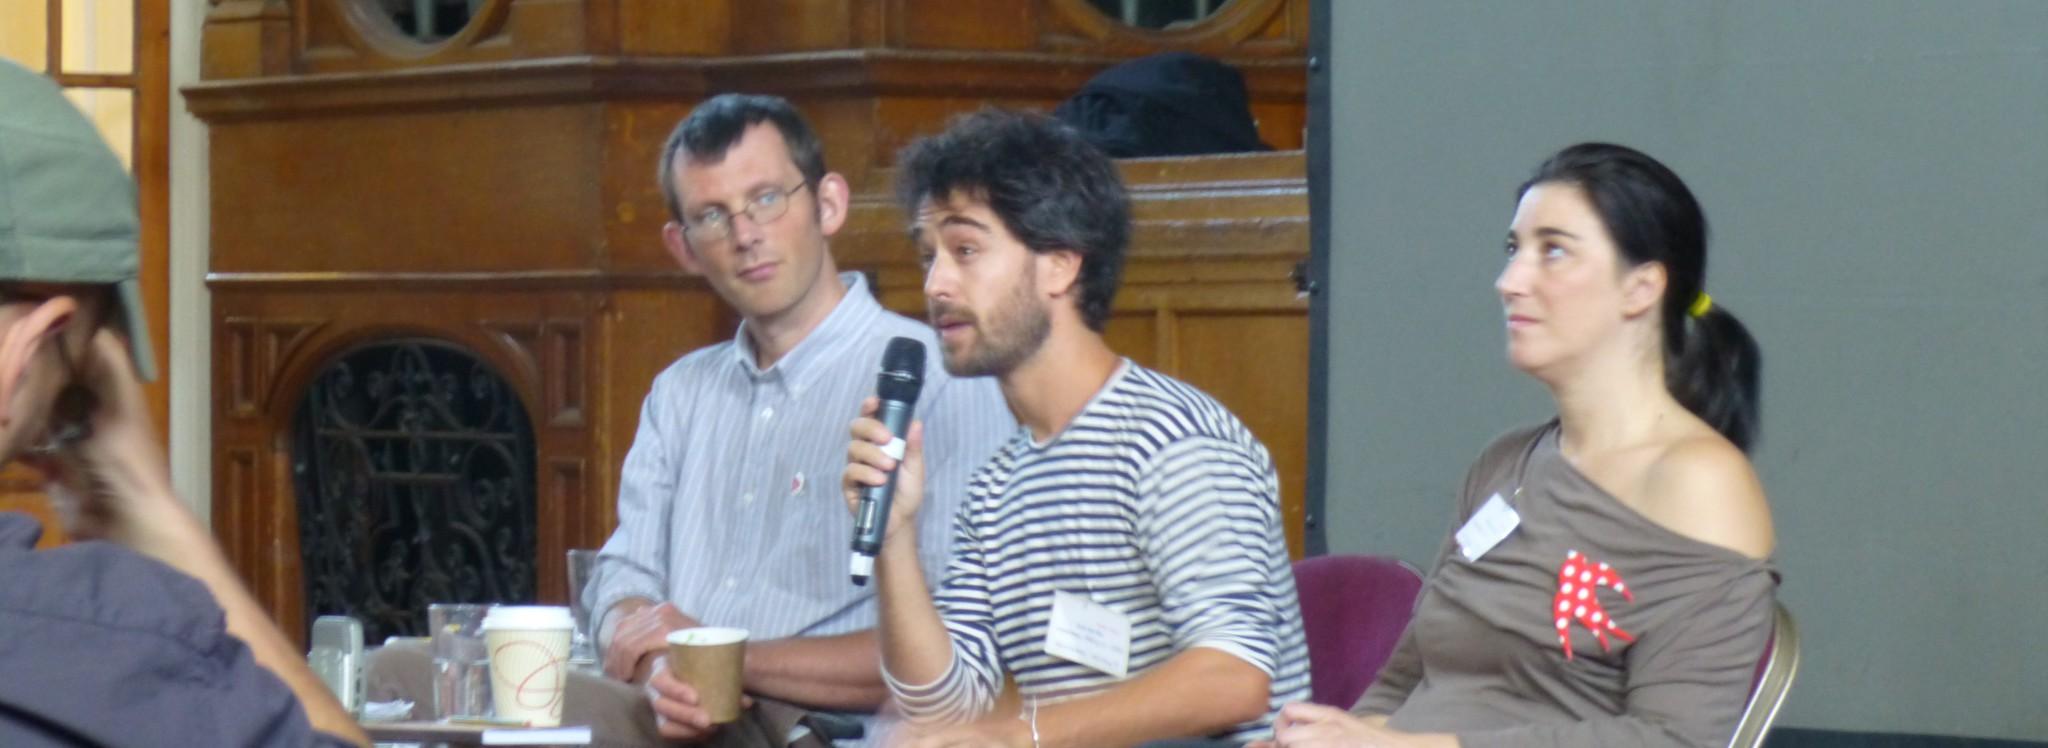 Atelier storytelling le 25 juin : Apprendre à redevenir maître de son powerpoint, développer son talent d'orateur